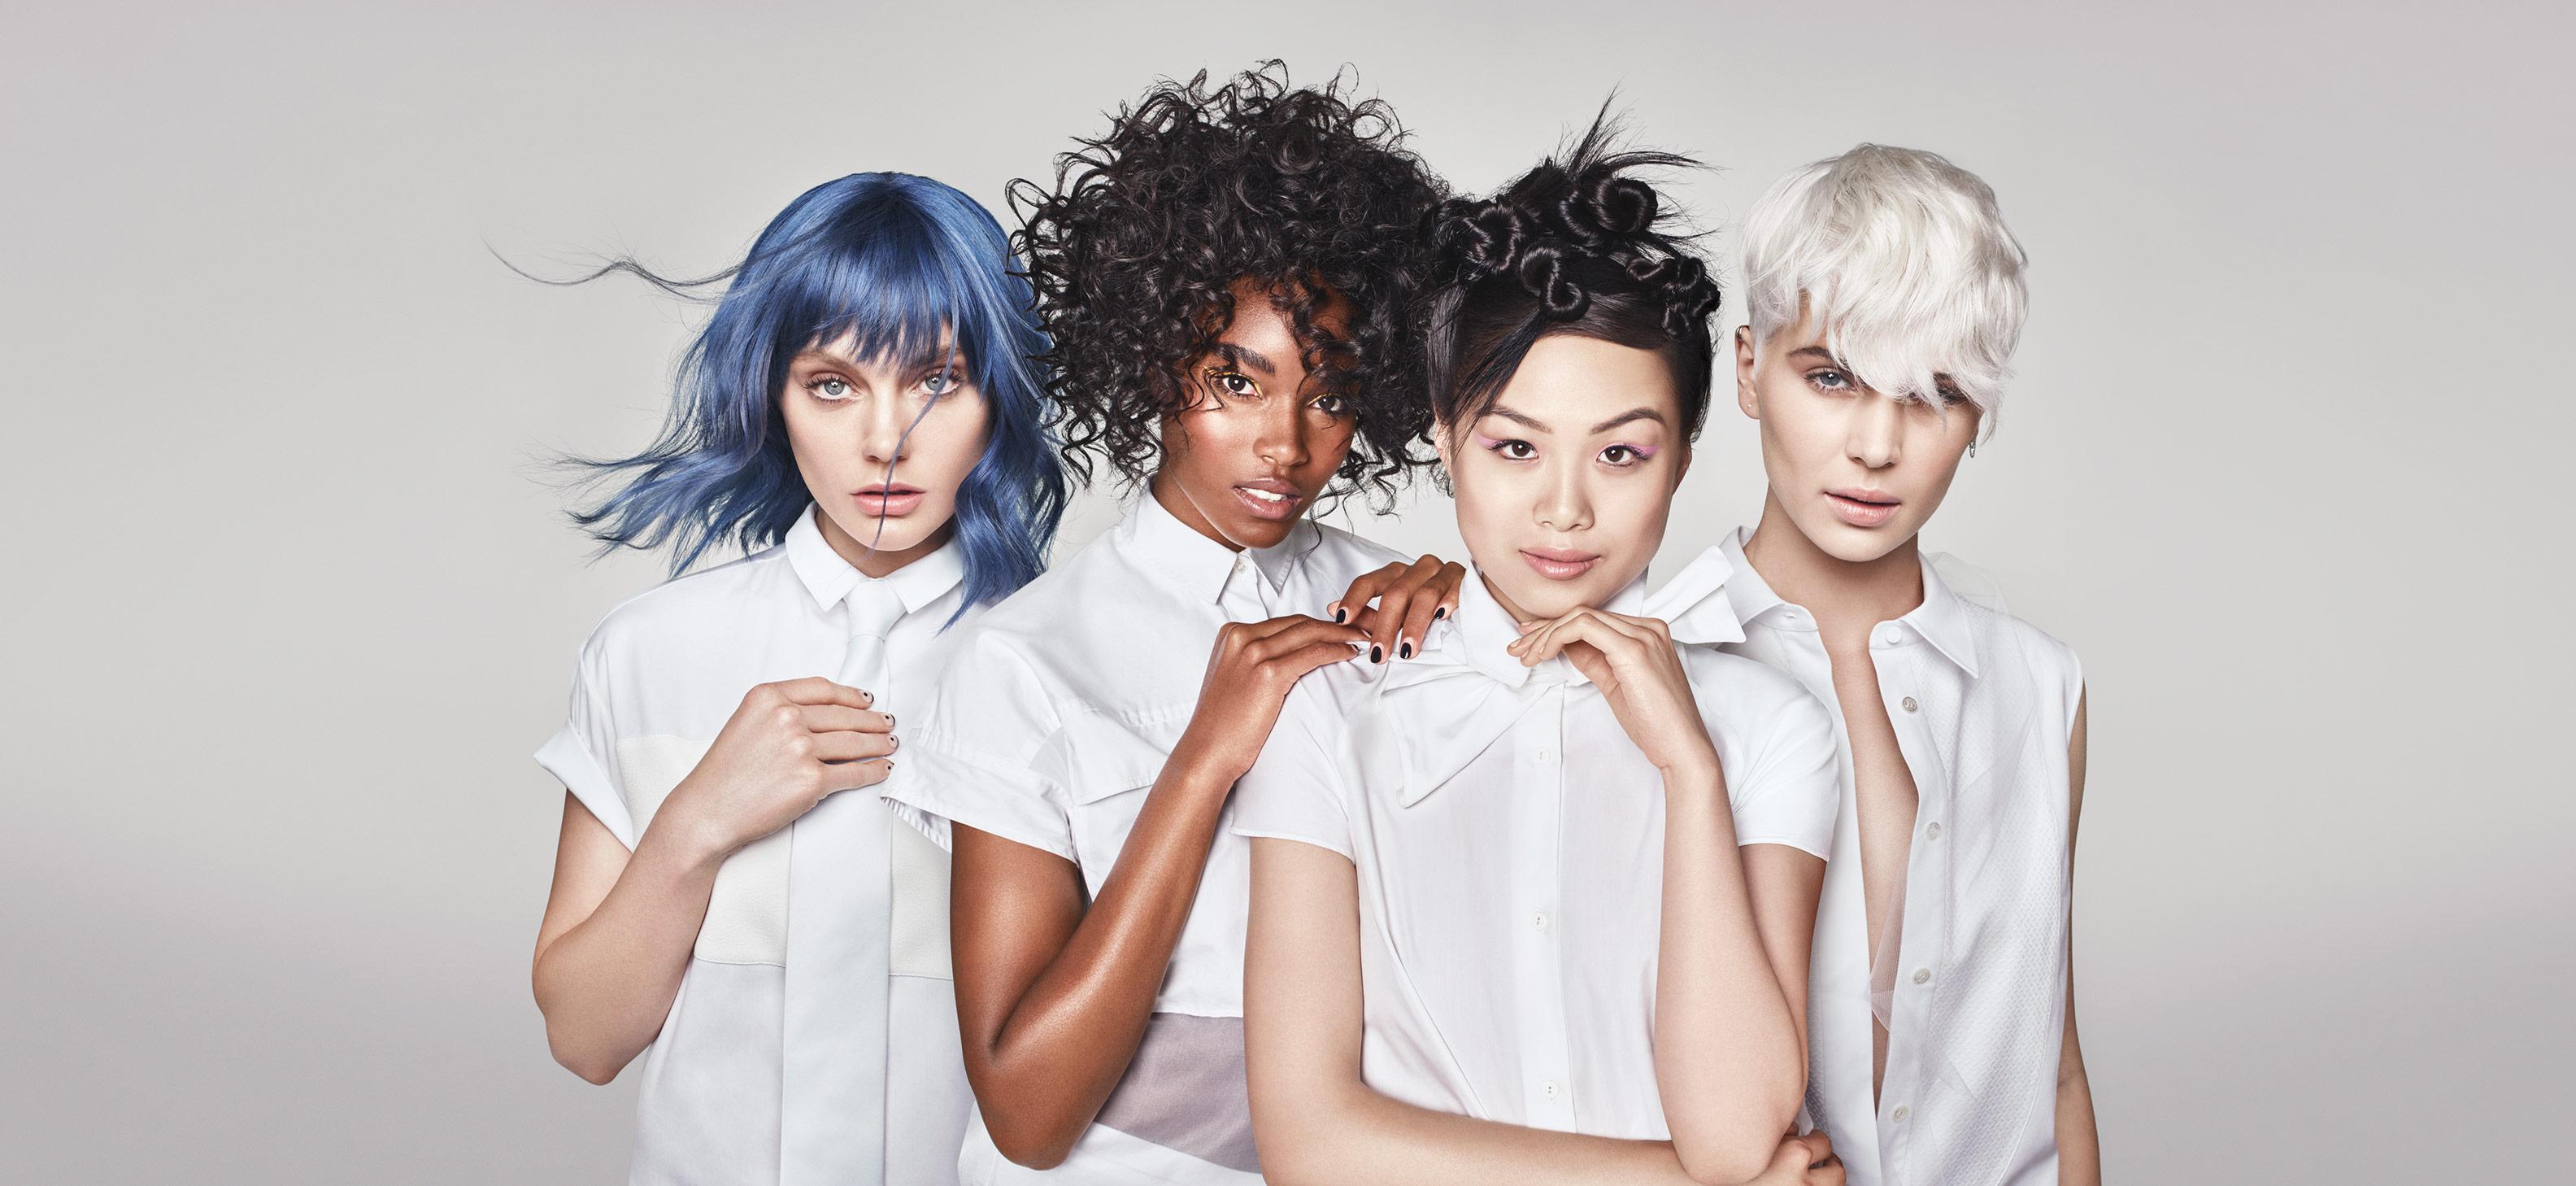 Nov15-PM-model-group